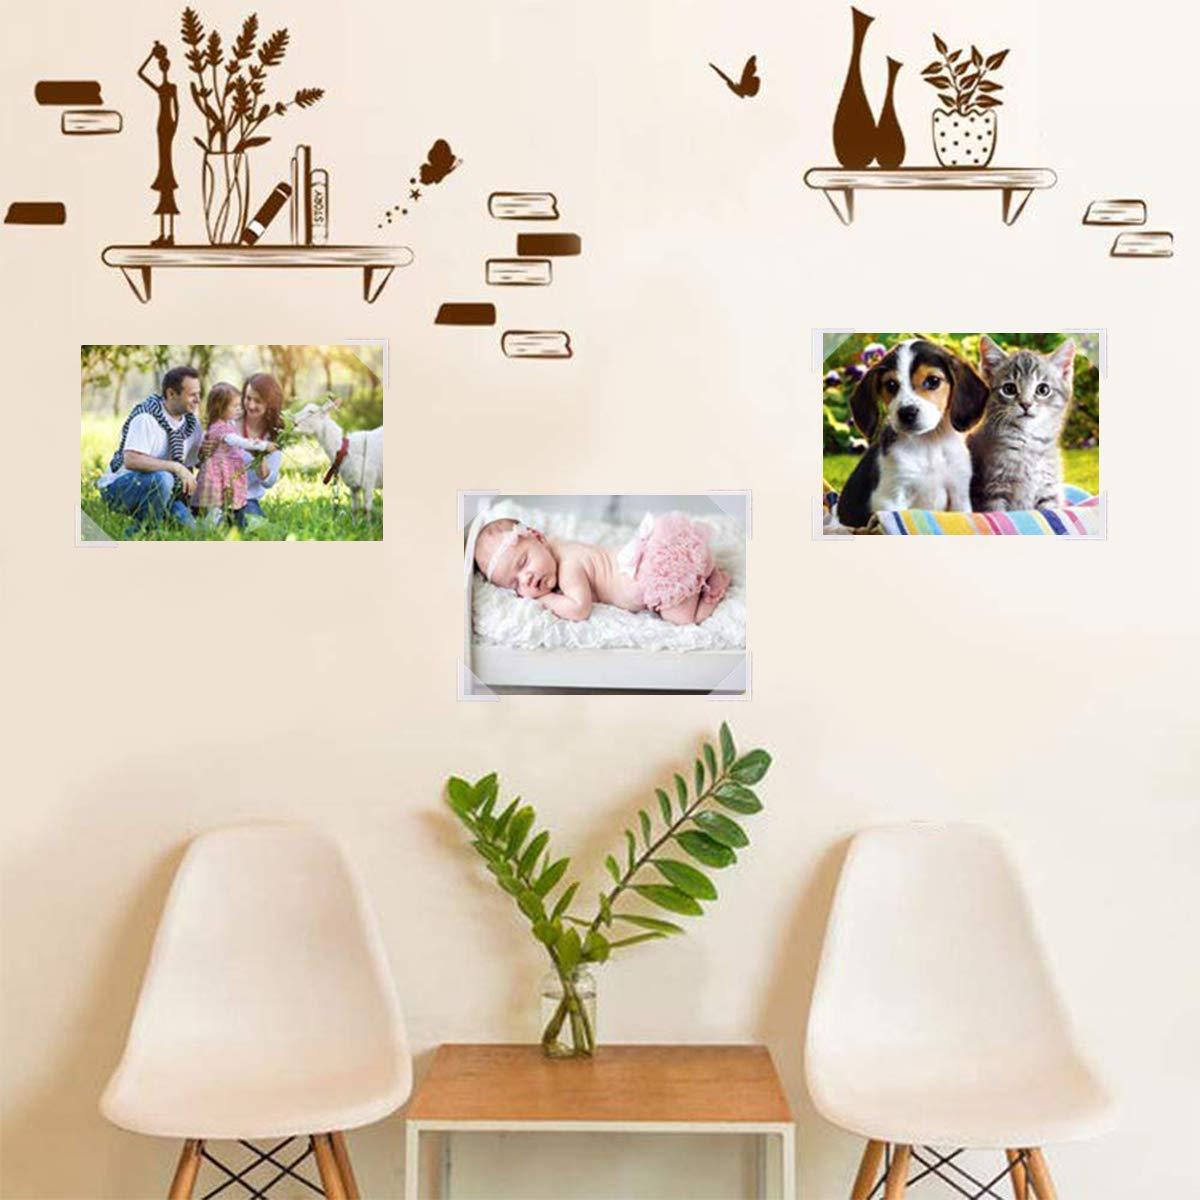 10 hojas de pegatinas para bordes de fotos Pegatinas autoadhesivas para esquinas de fotos transparentes